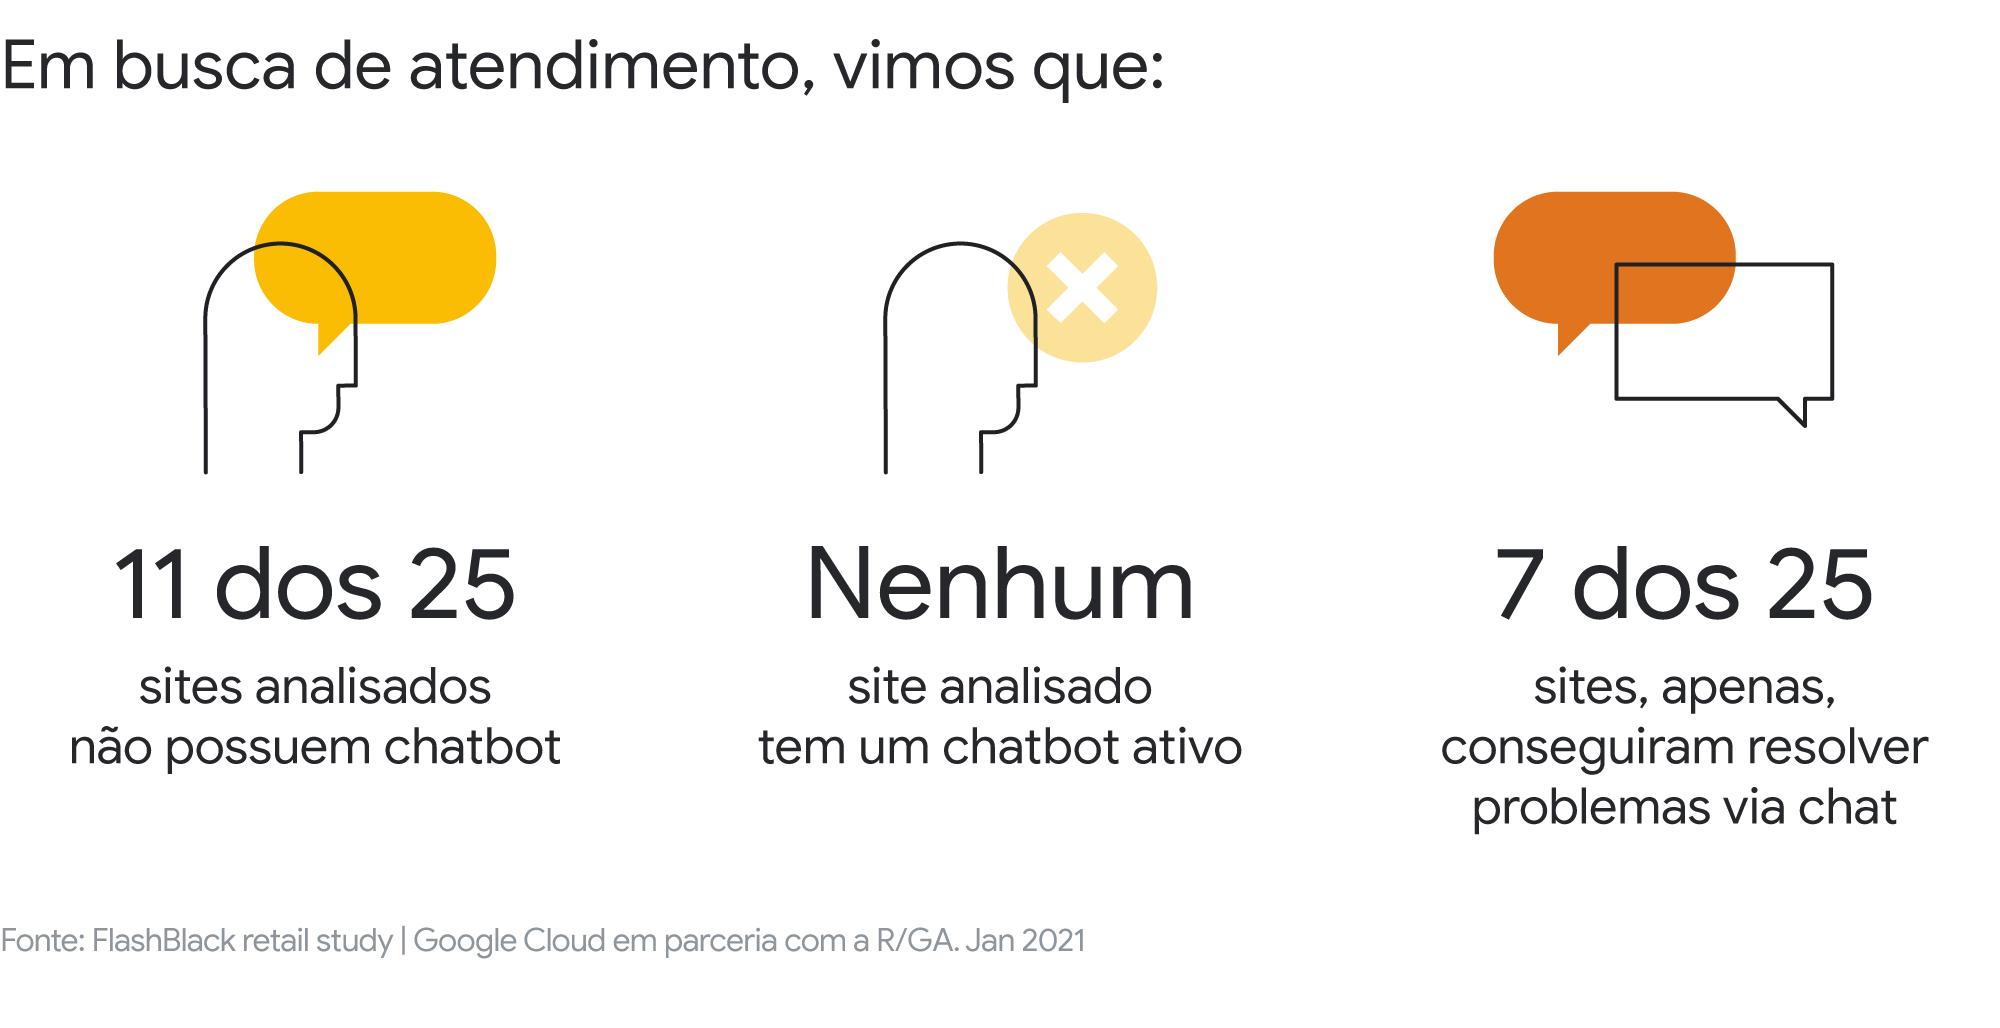 Nova pesquisa aponta como a tecnologia pode ajudar os e-commerces brasileiros a melhorar a experiência do usuário